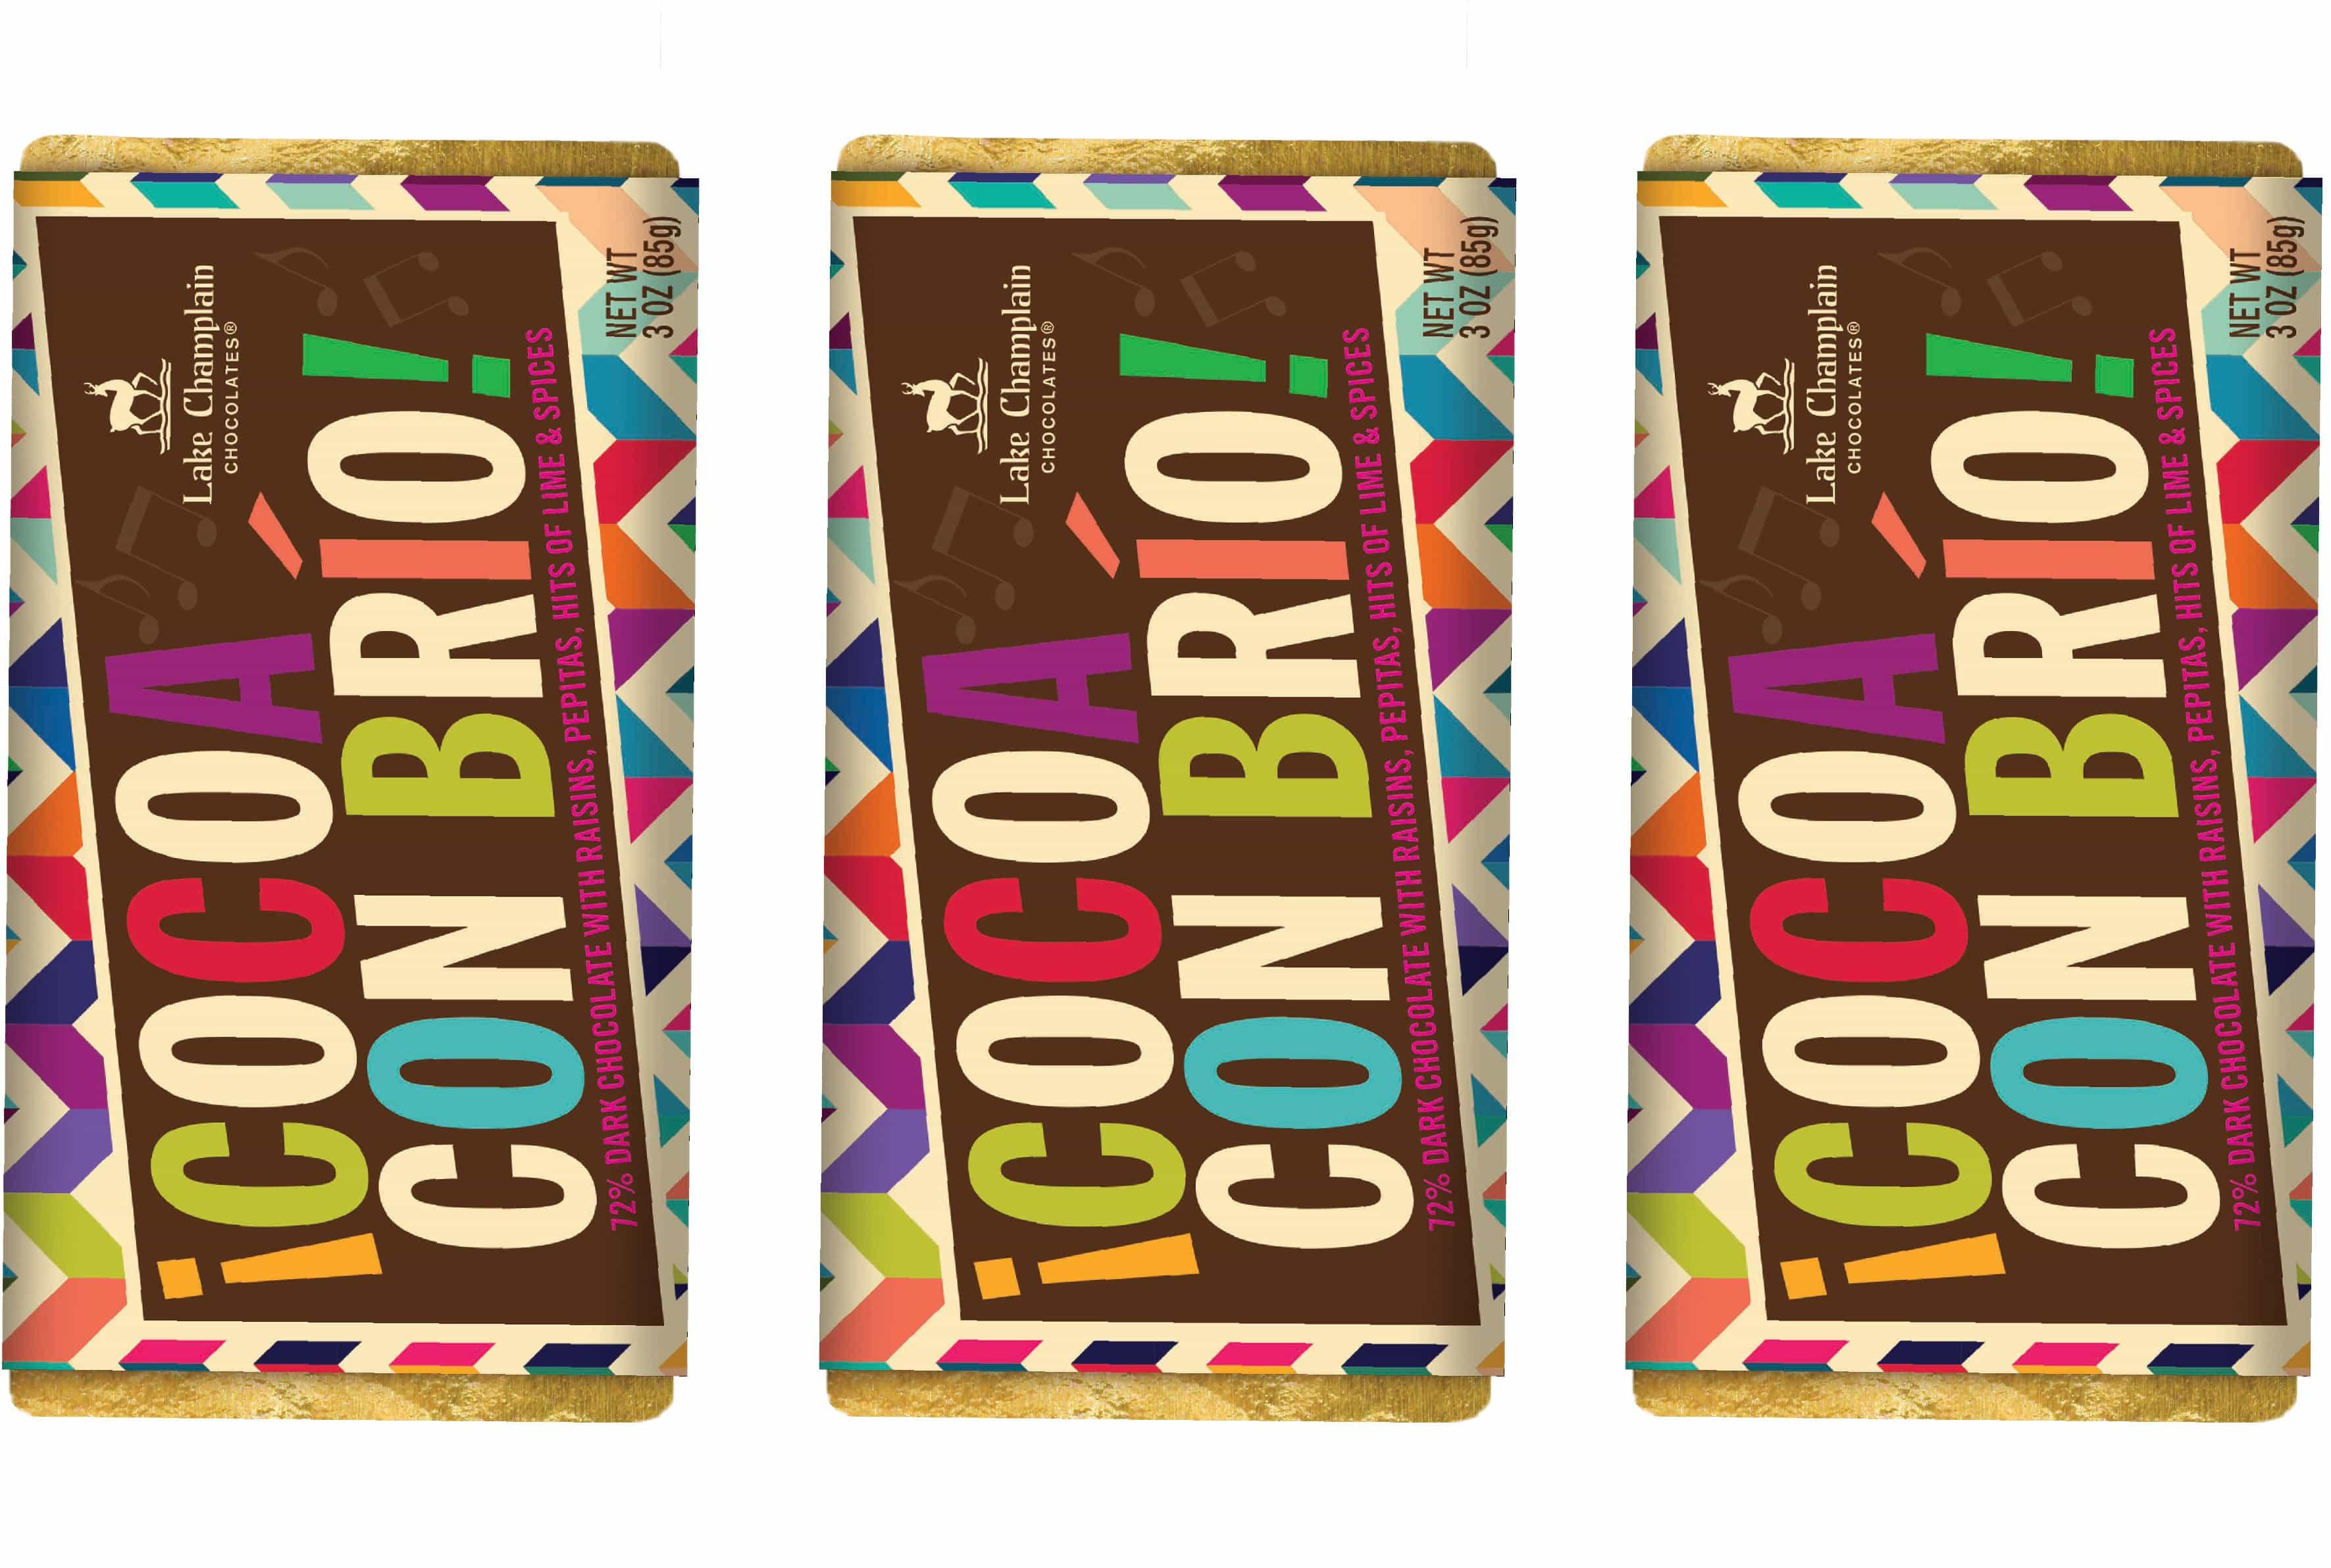 Lake Champlain Chocolates Con Brio Bar Packaging